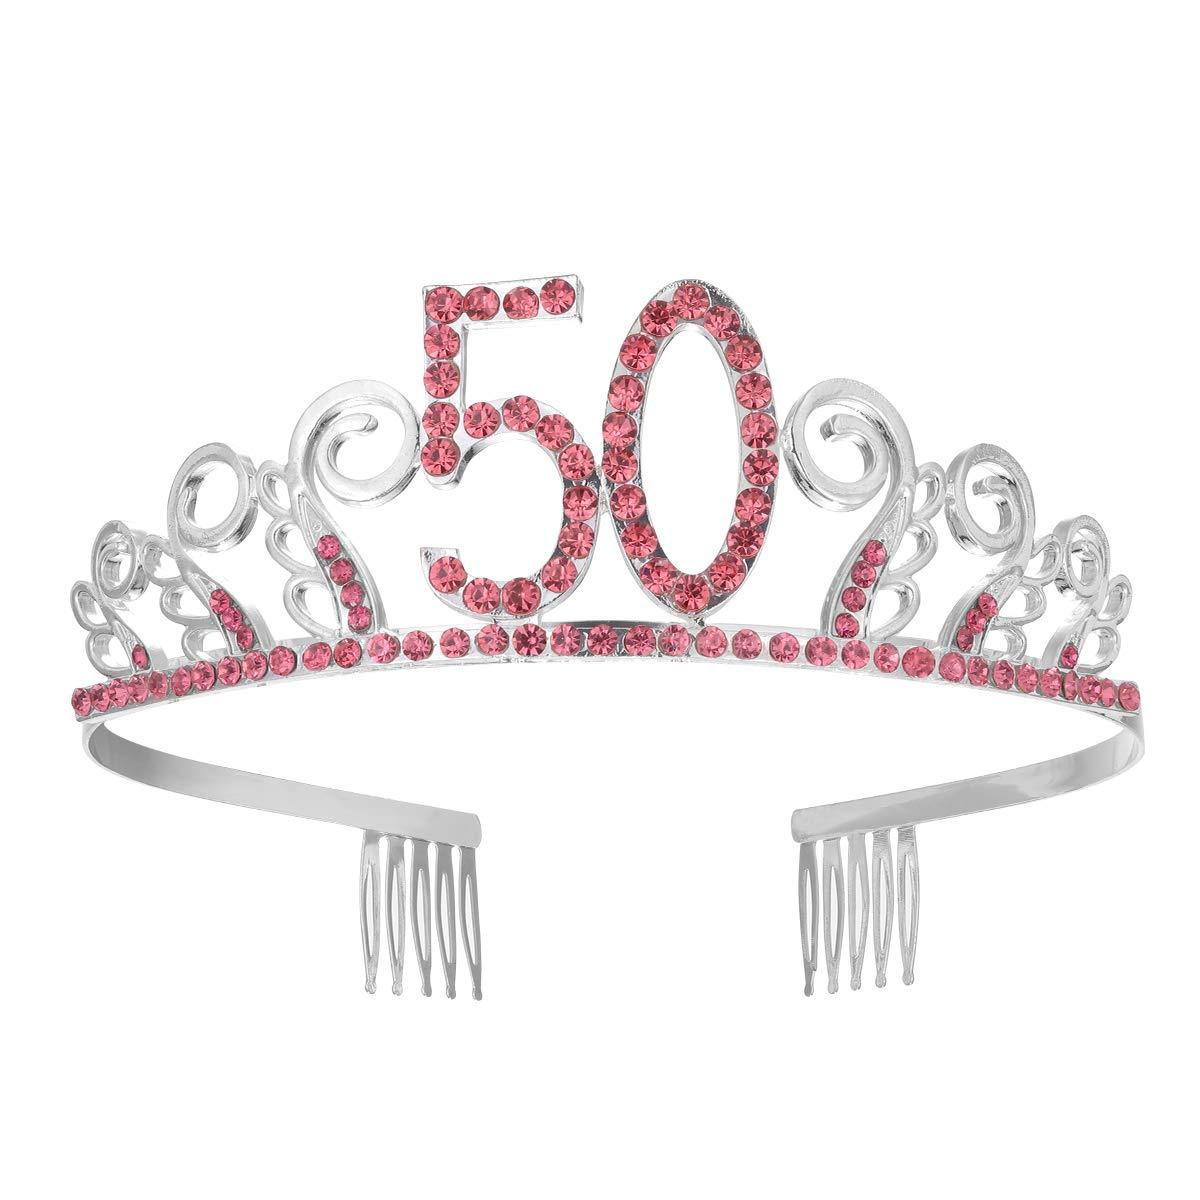 Frcolor 50 ° compleanno cristallo rosso strass tiara regina principessa corone danza partito fascia per le donne 50 ° compleanno festa favore